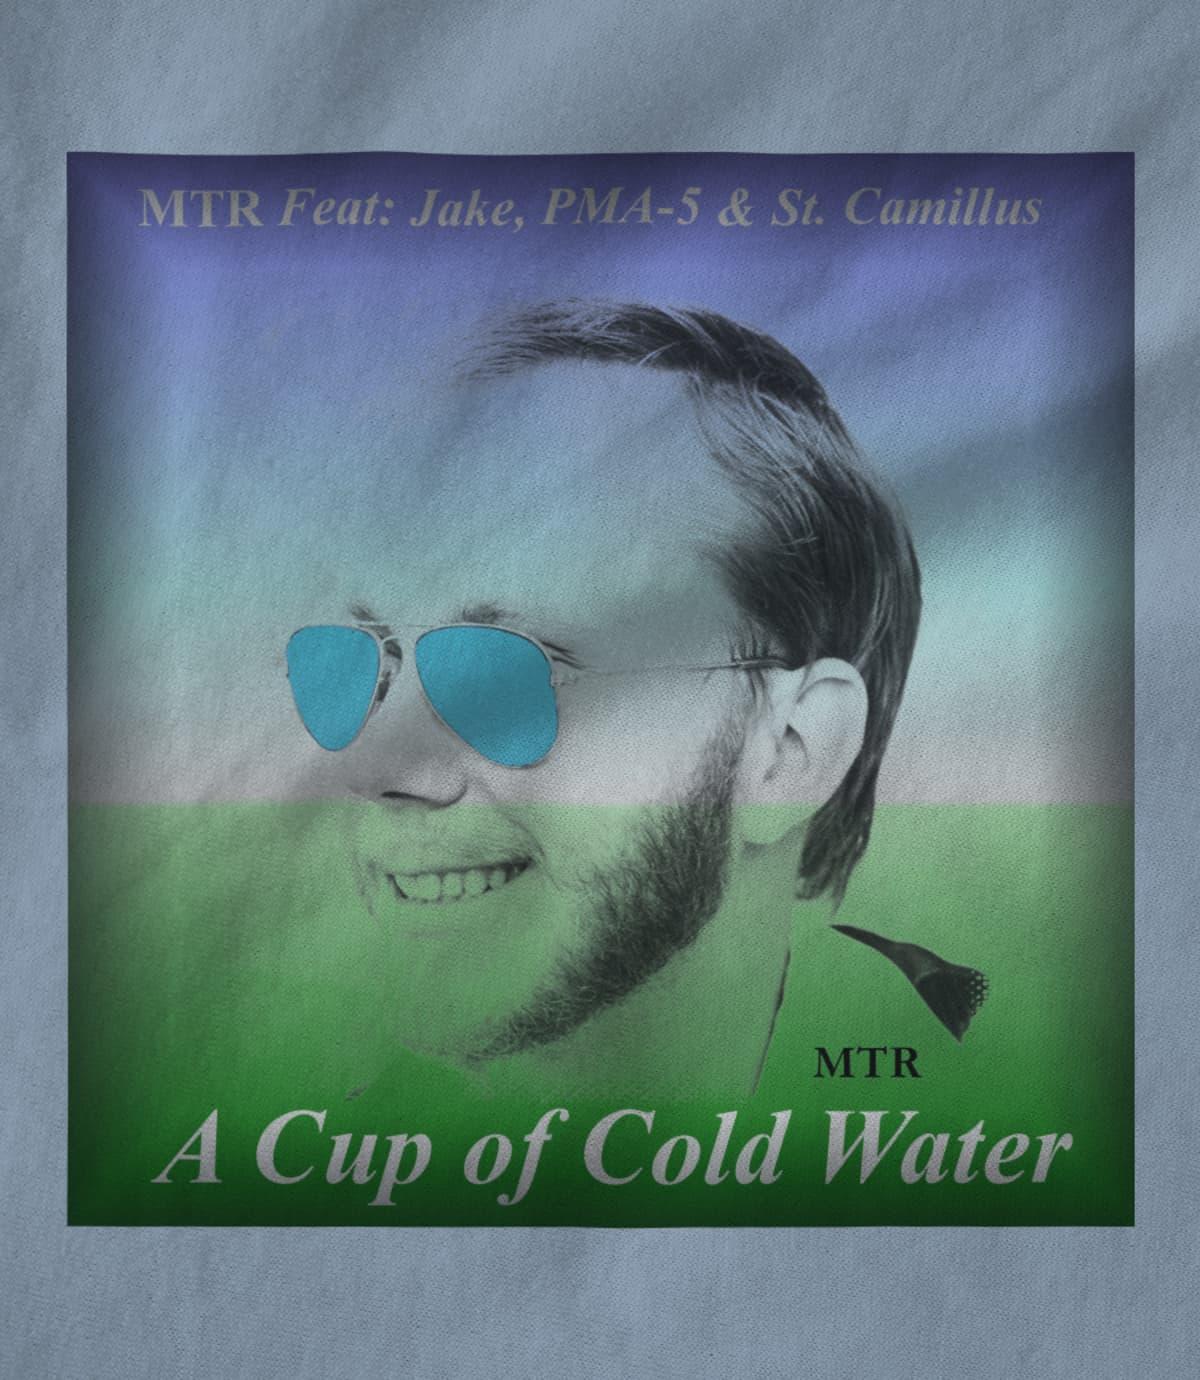 Michael resch  a cup of cold water  3d album art 1607885634